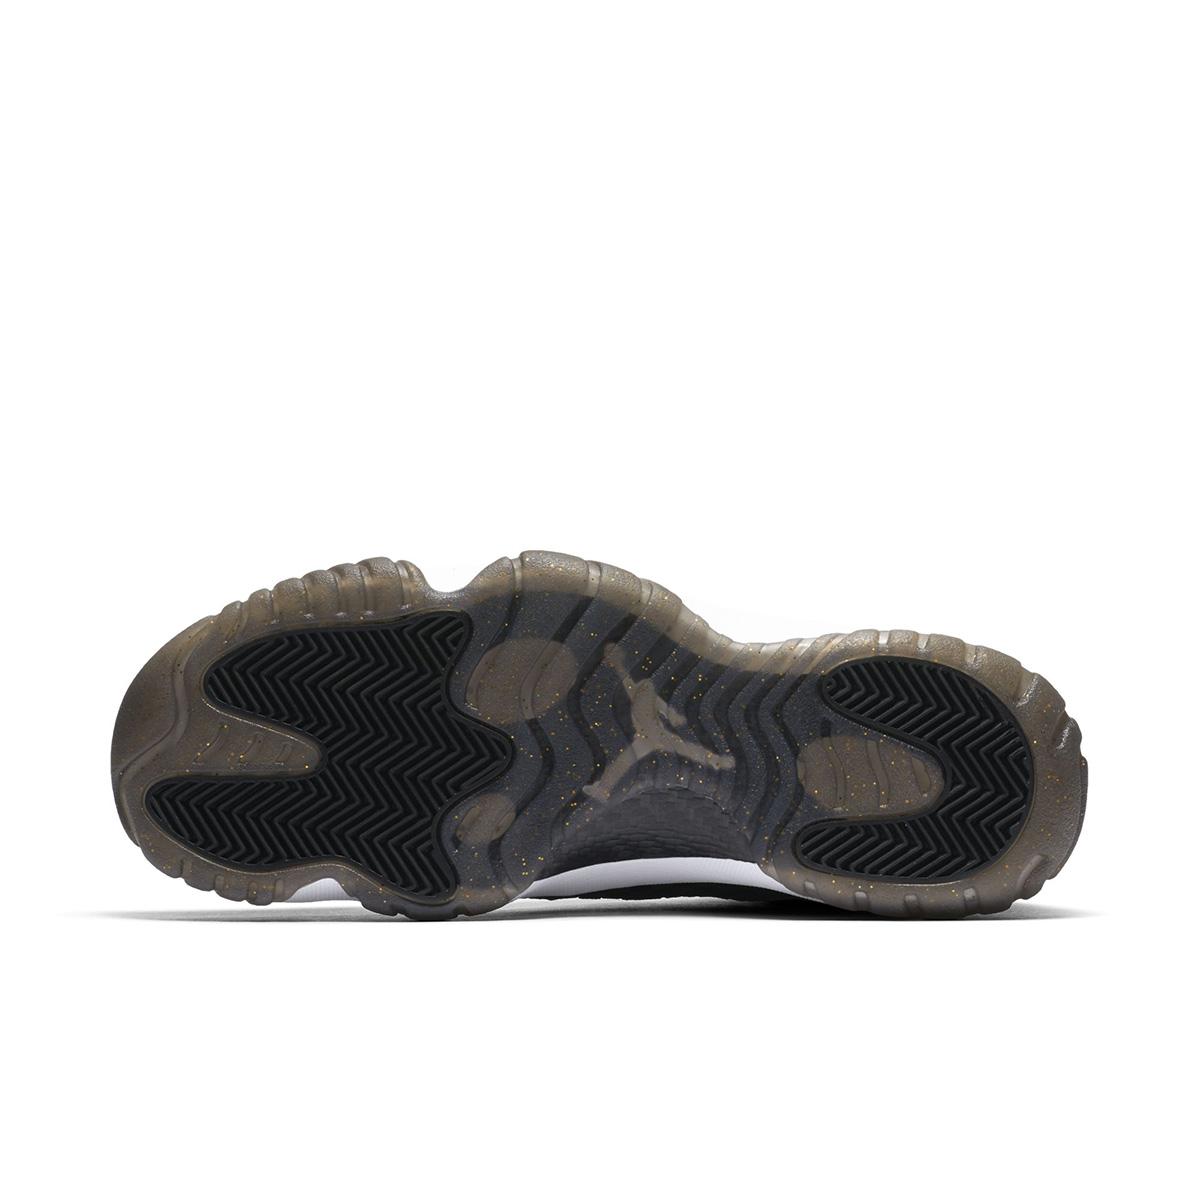 编织鞋面   aj11 大底!全新配色 jordan future 下月发售!